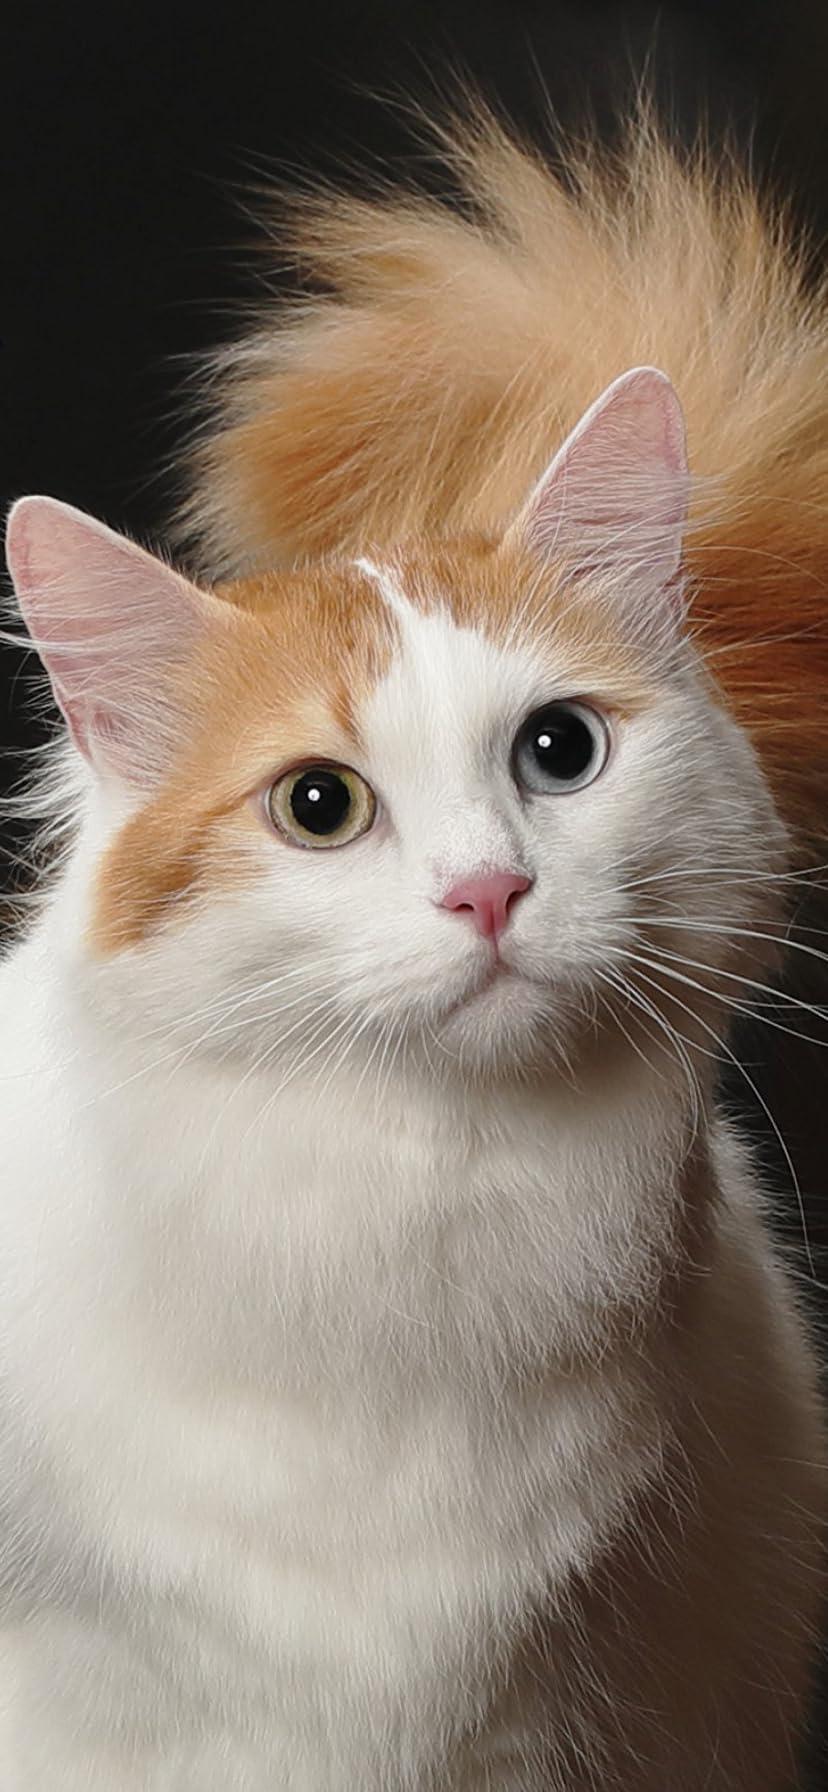 ベスト スマホ 猫 壁紙 1万 お気に入りの壁紙オプション